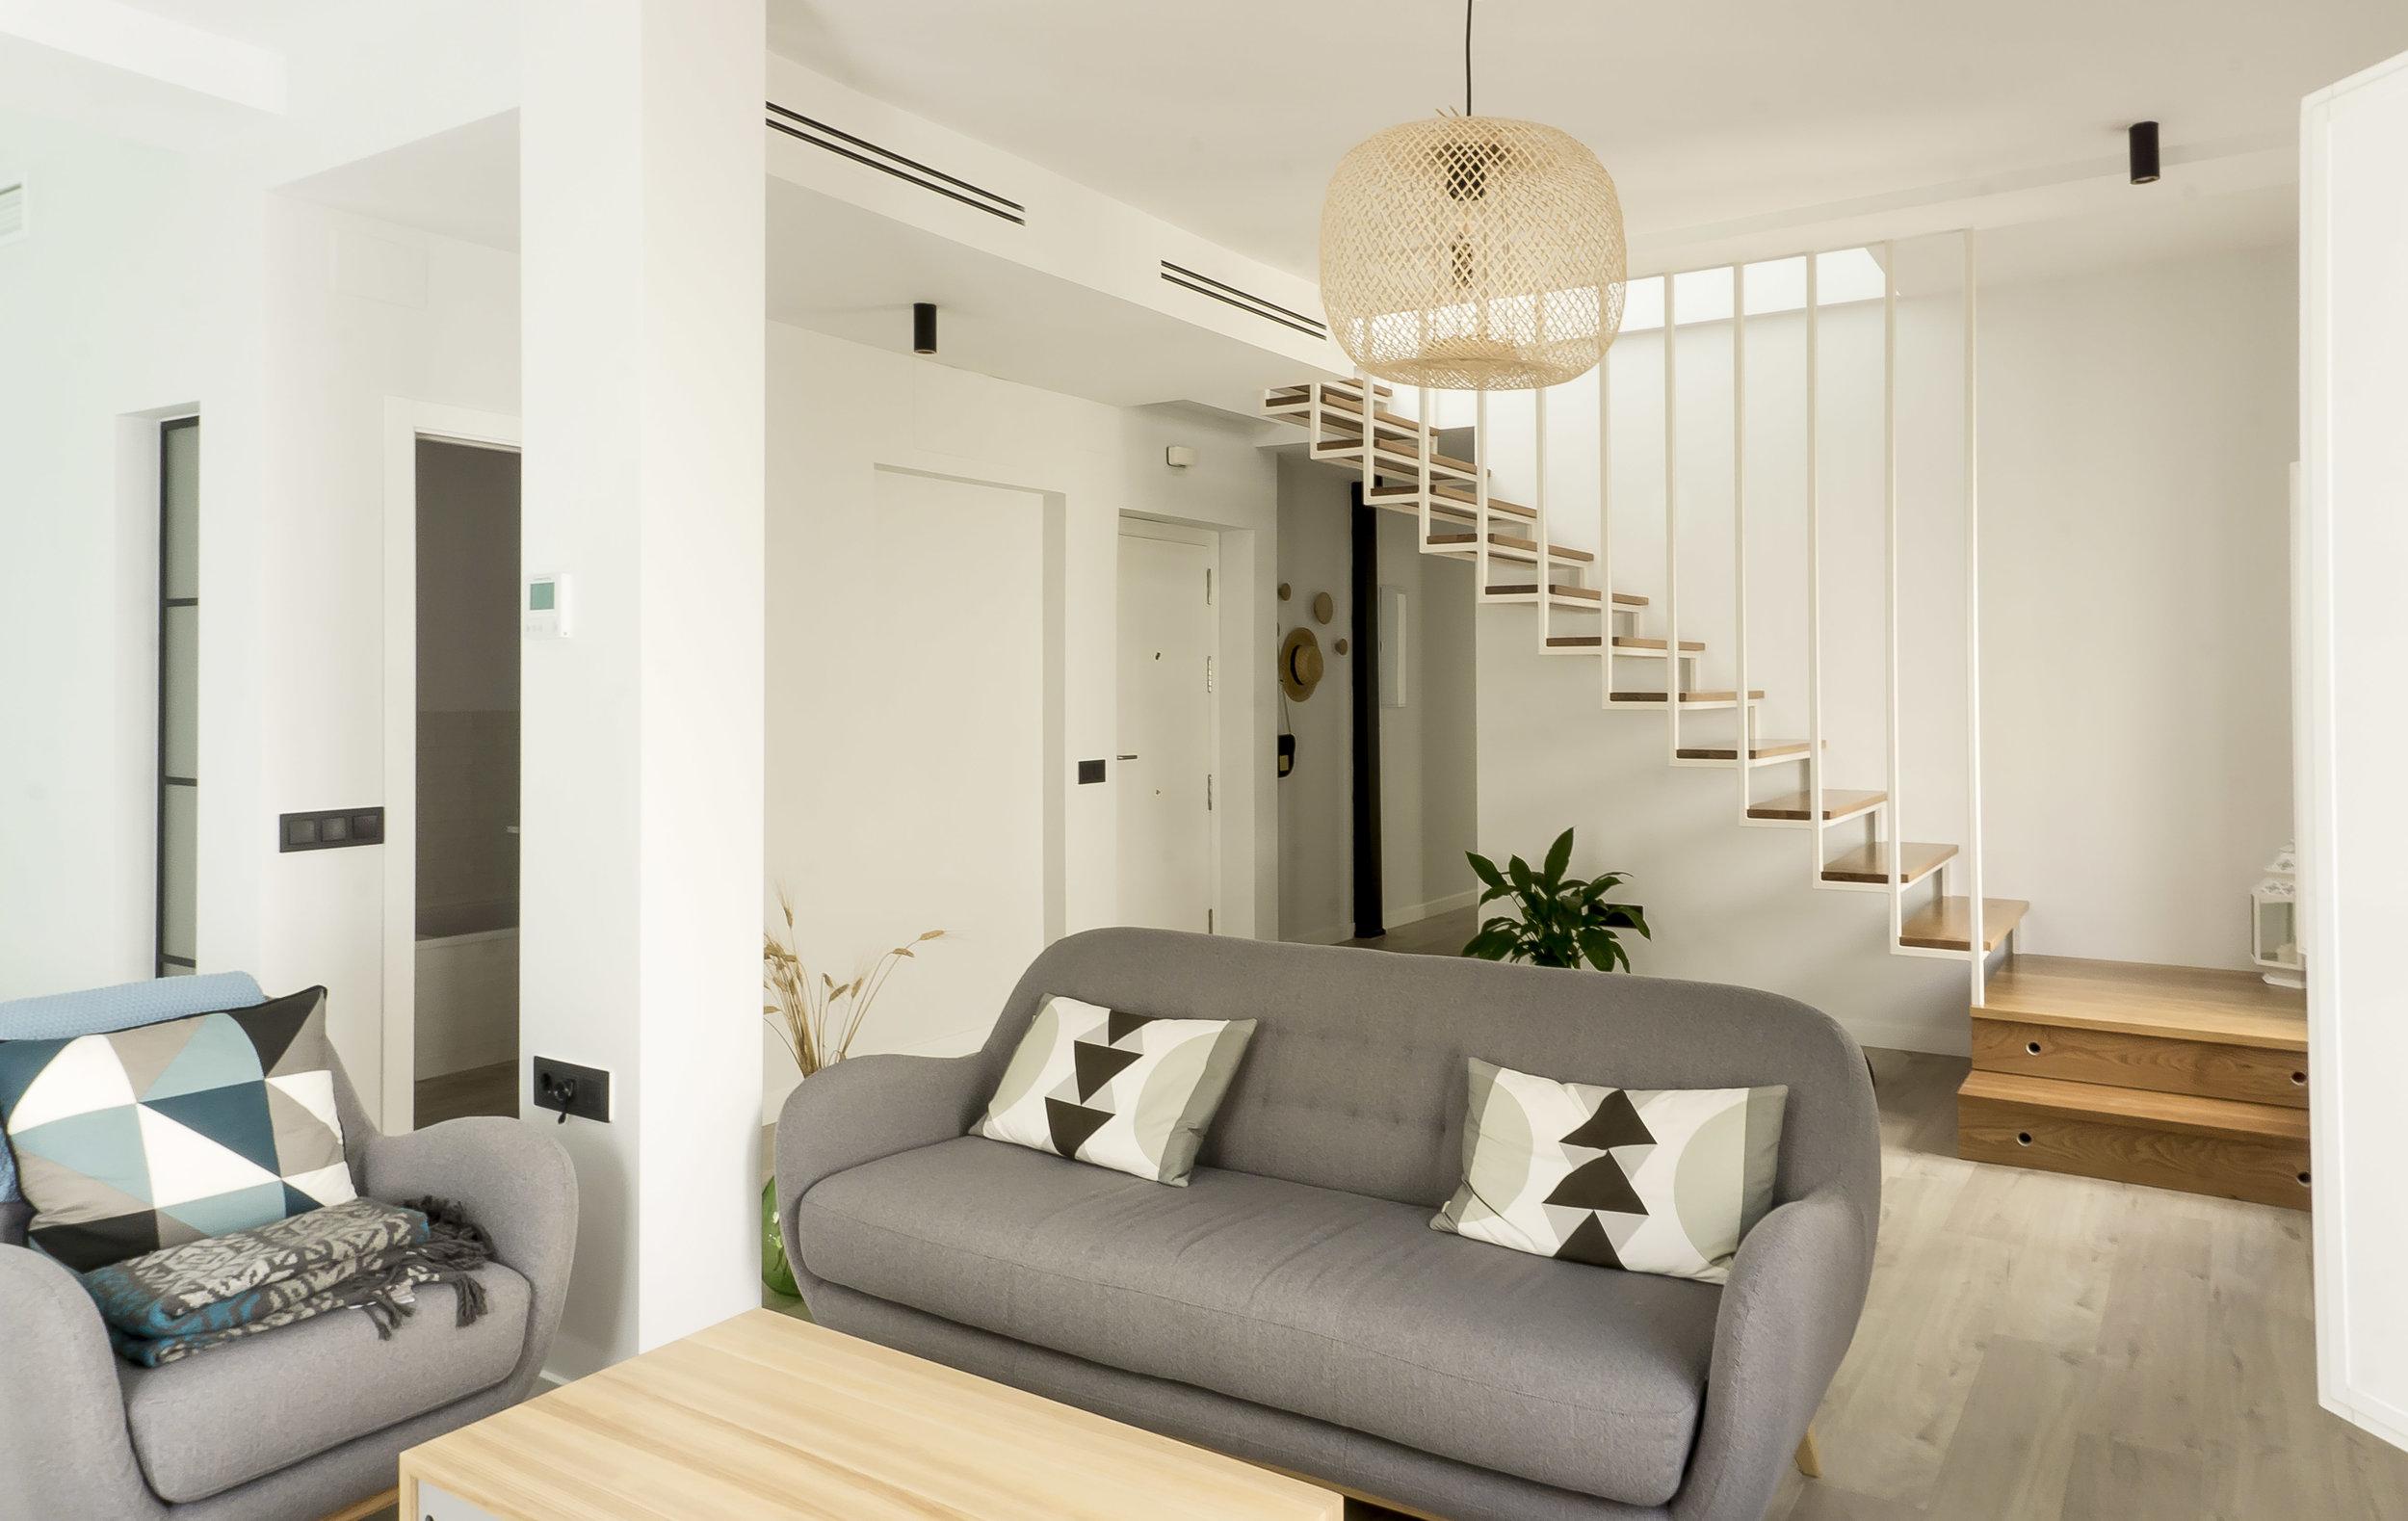 emmme studio AD salon escalera entrada el hogar de Laura y Pedro.jpg